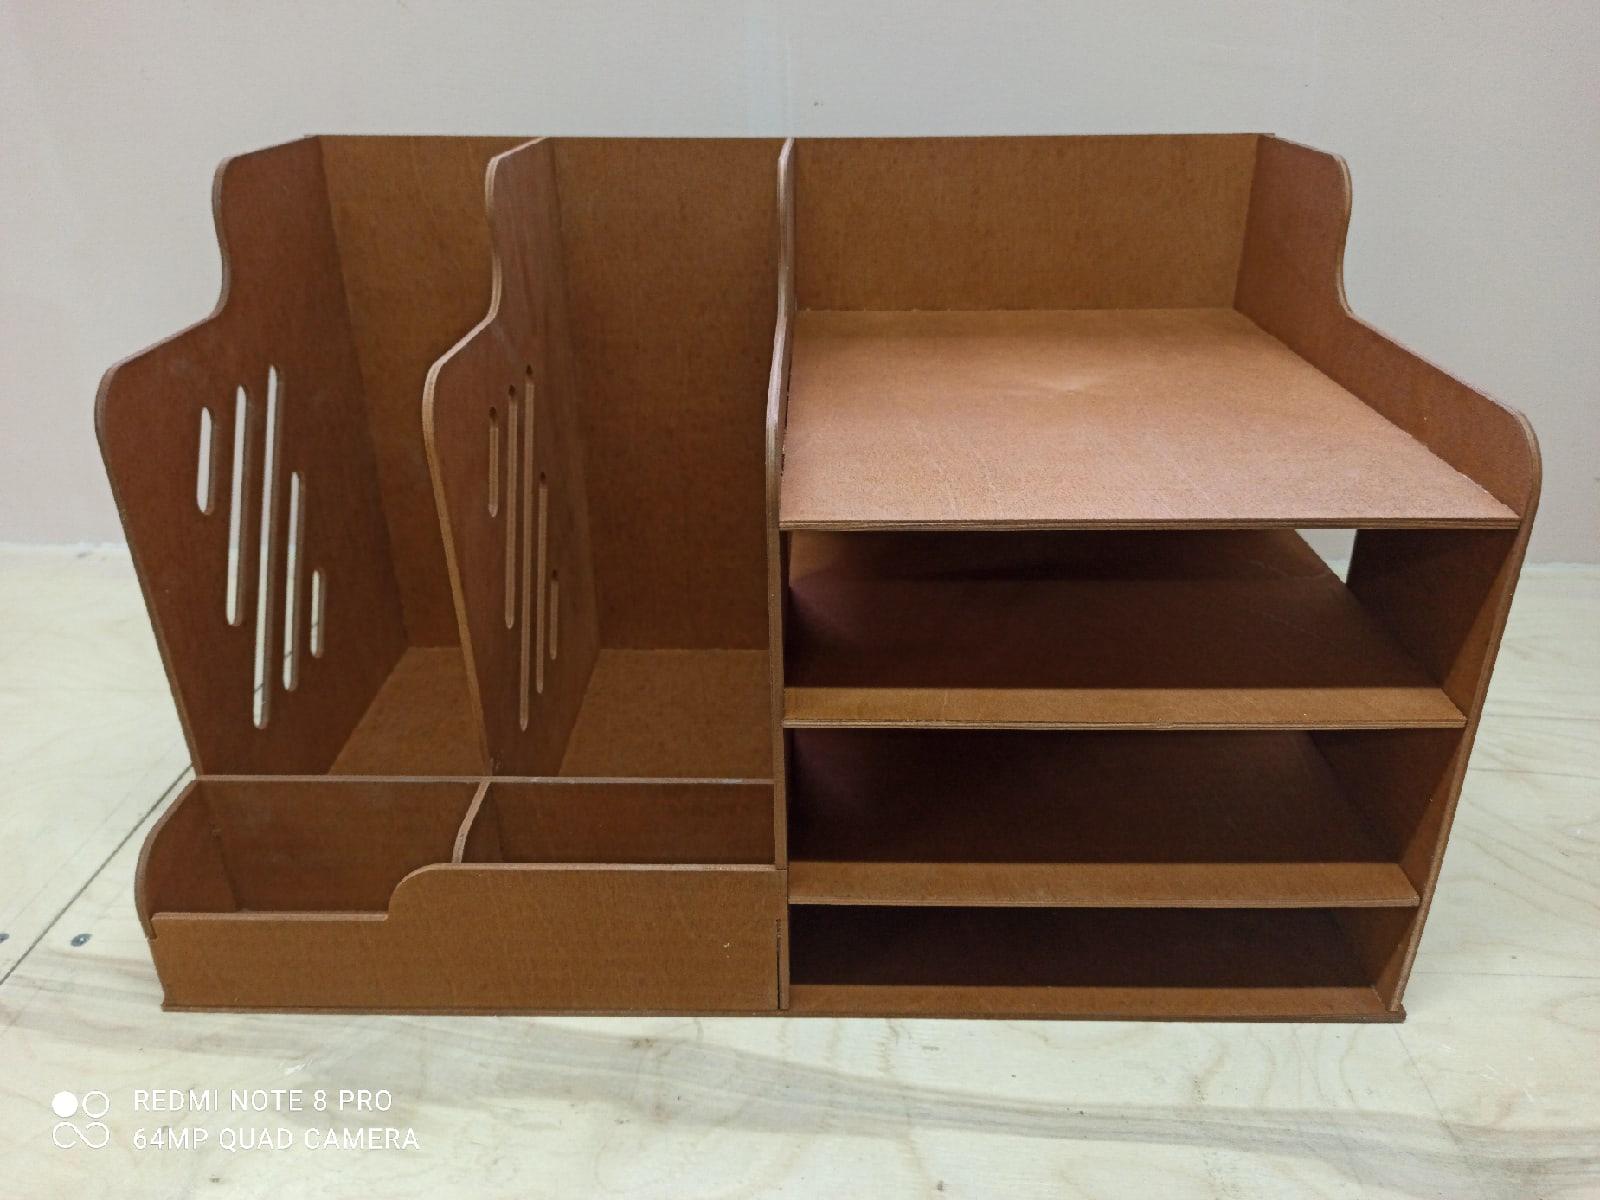 Laser Cut Wooden Desk Organizer For File Folder Free DXF File